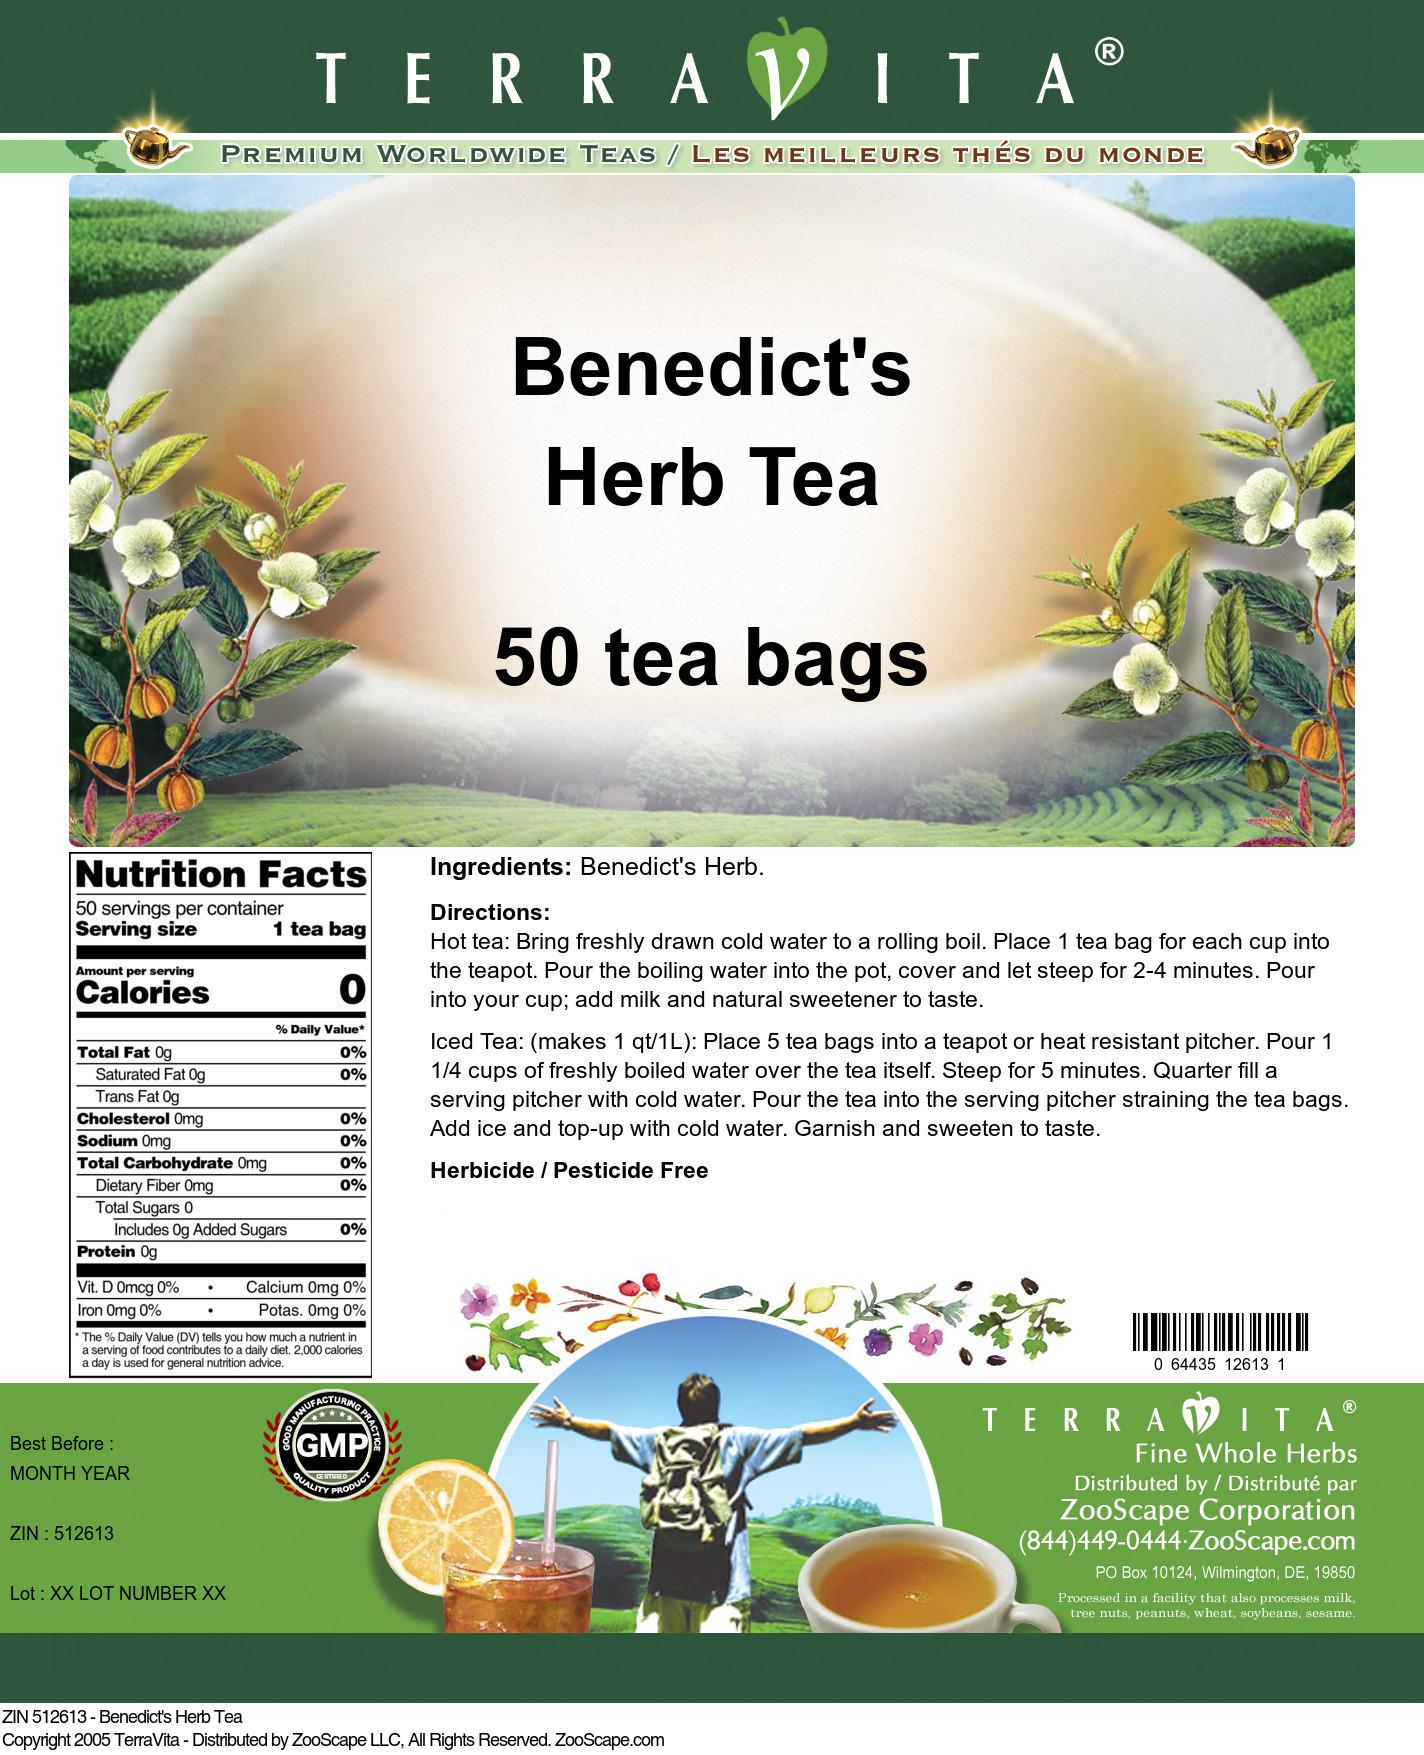 Benedict's Herb Tea